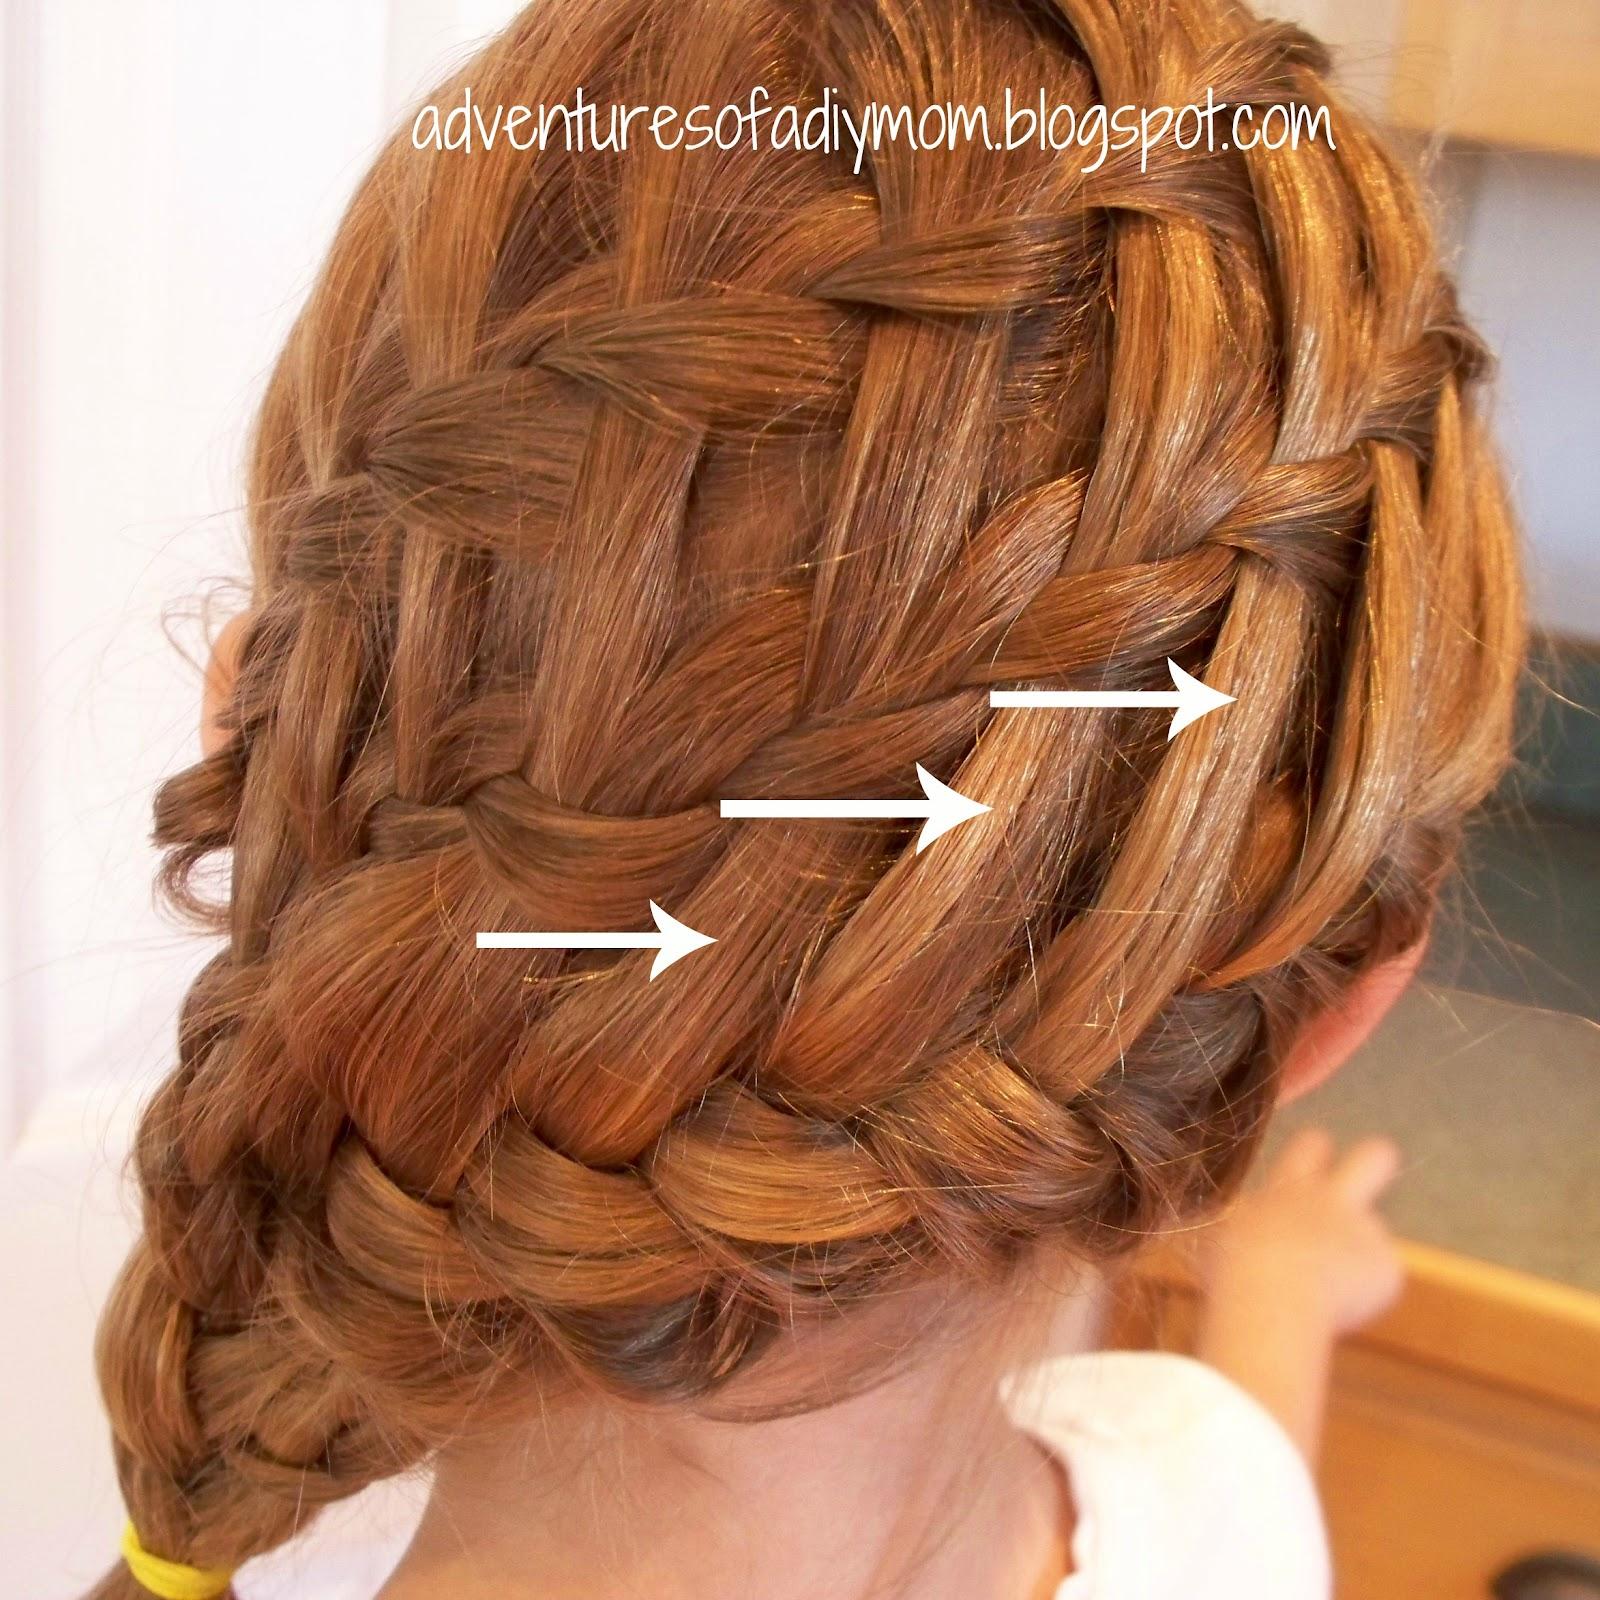 Mini Hair Series Triple Braid Adventures Of A Diy Mom